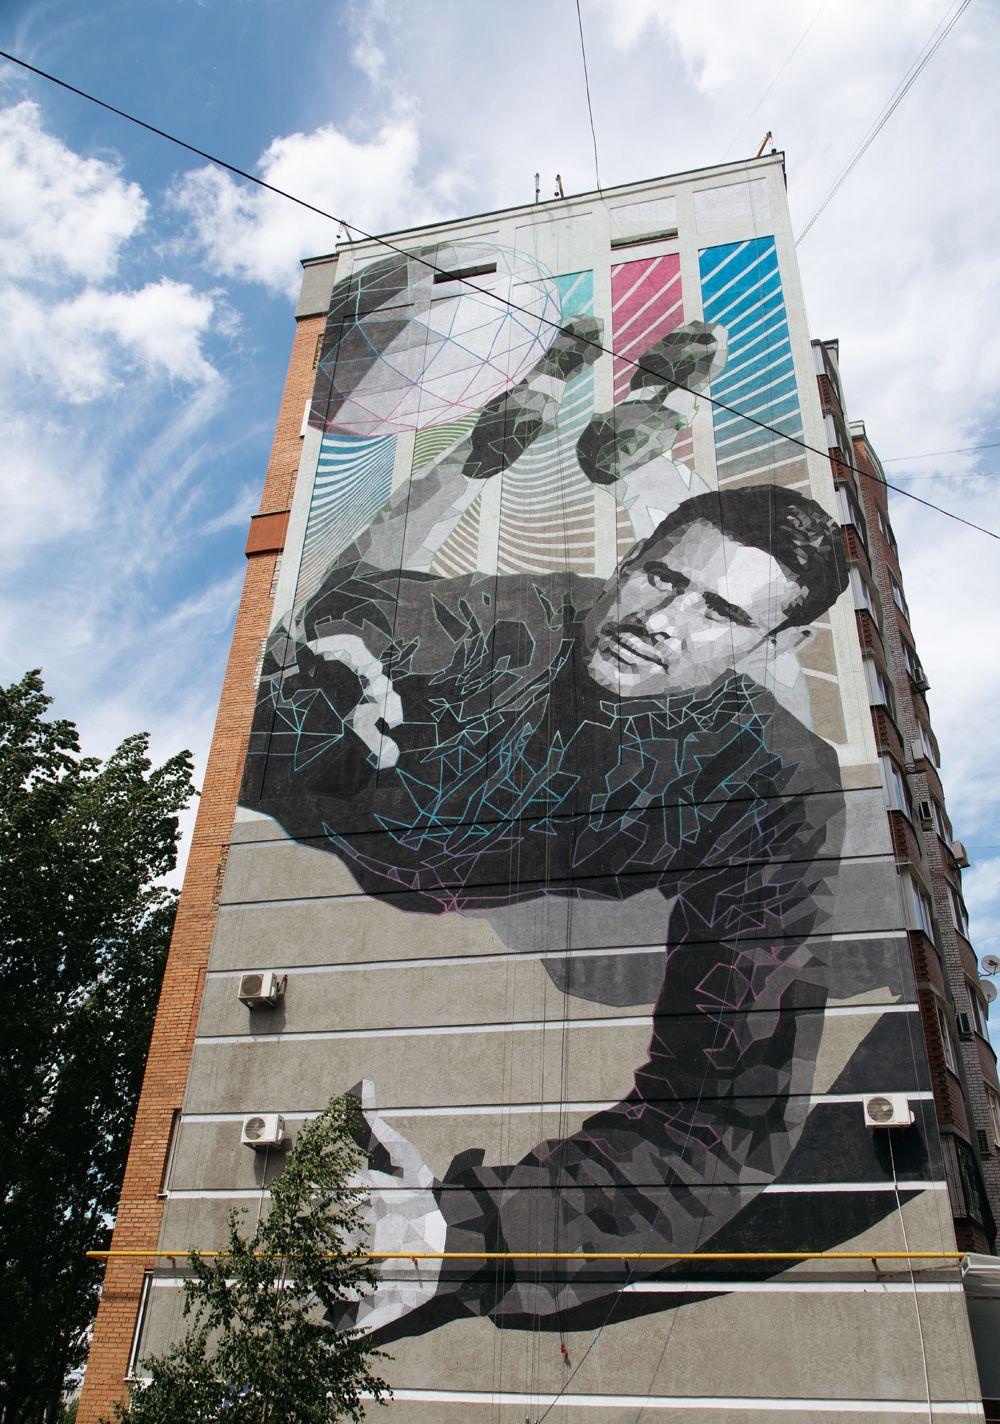 Граффити с изображением игрока сборной СССР Льва Яшина, посвященное чемпионату мира по футболу ФИФА-2018 в Самаре.